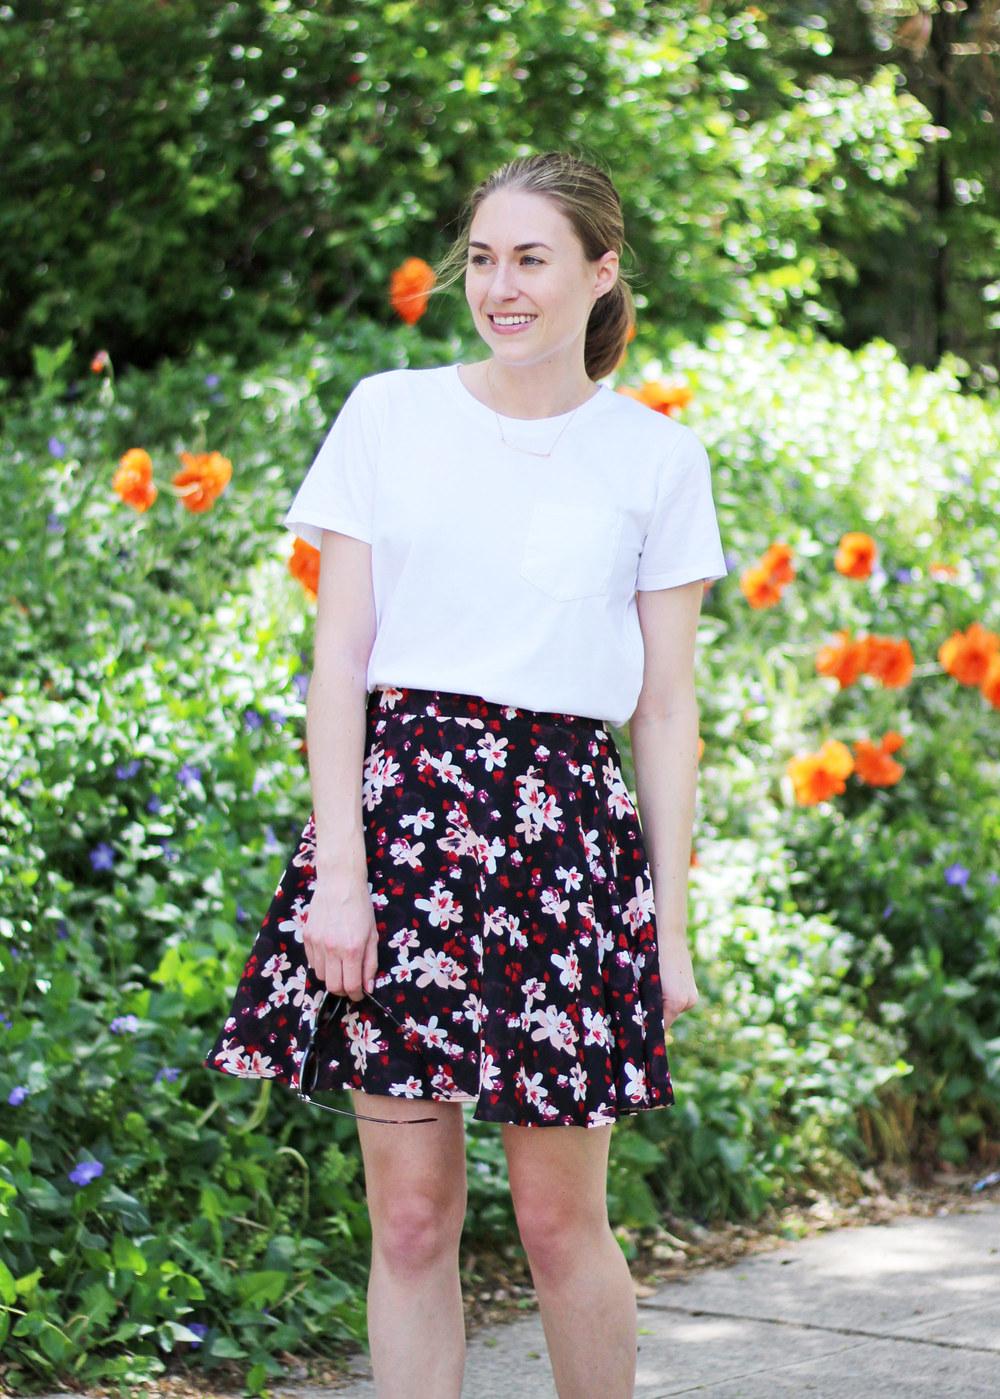 Gorjana necklace + white tee + dark floral skirt — Cotton Cashmere Cat Hair